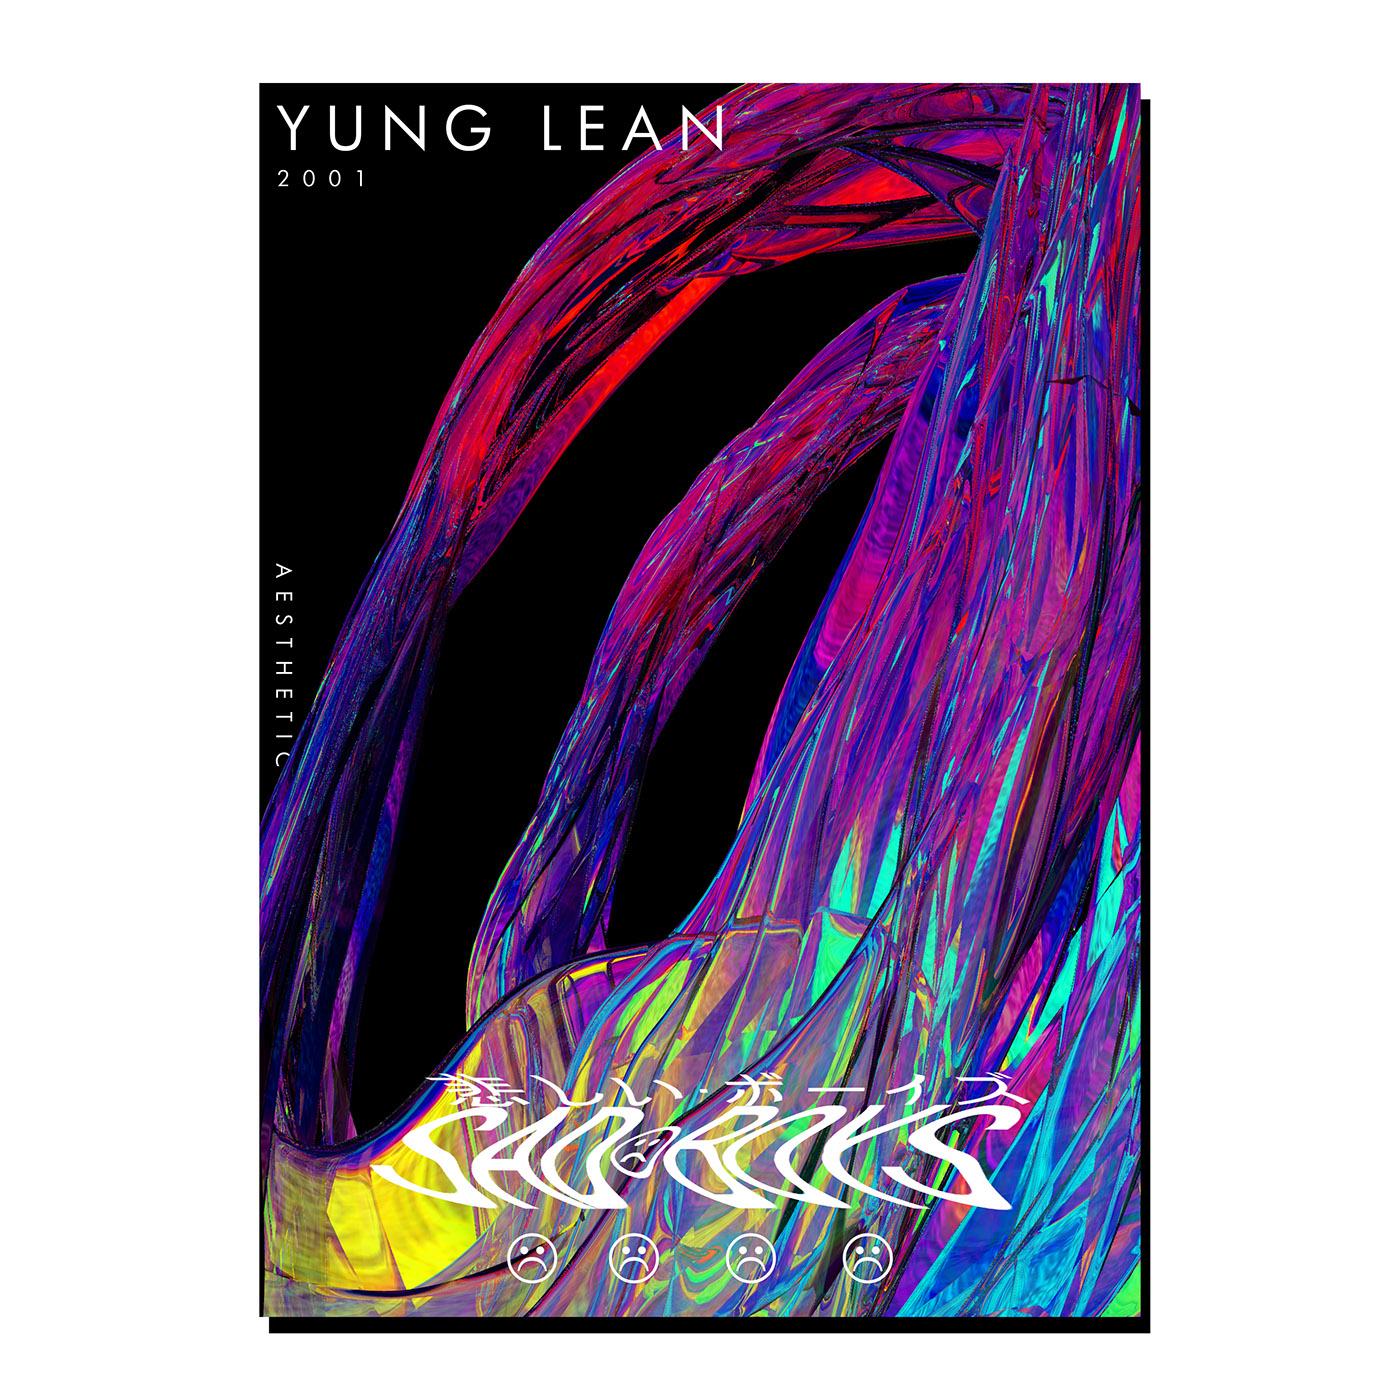 graphic design  Poster Design album art aesthetic